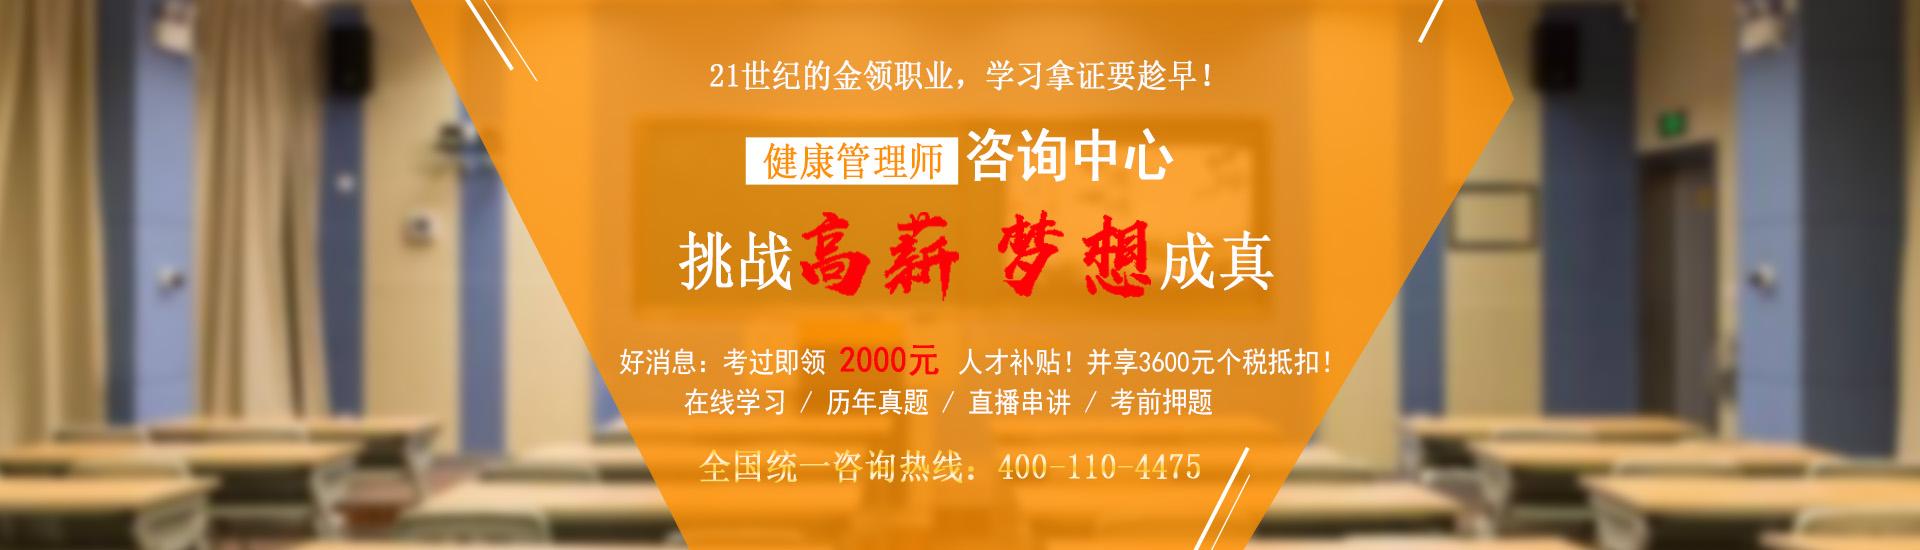 北京健康管理师加盟中心